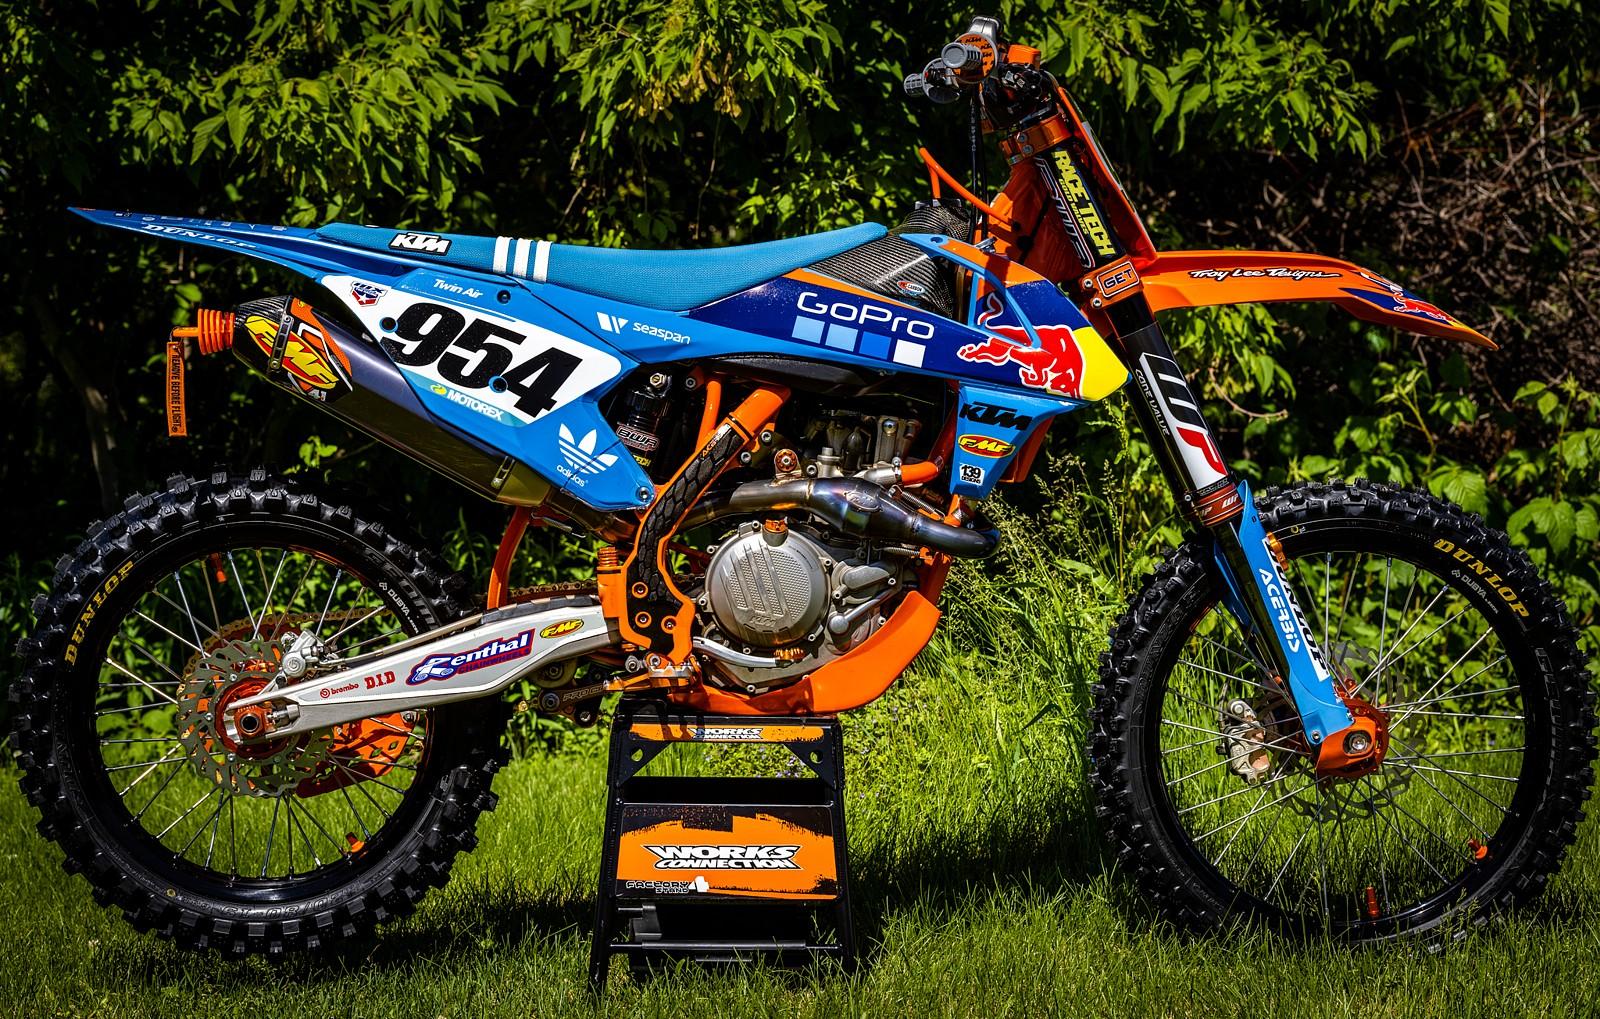 ktm 16 - GForce MMG - Motocross Pictures - Vital MX